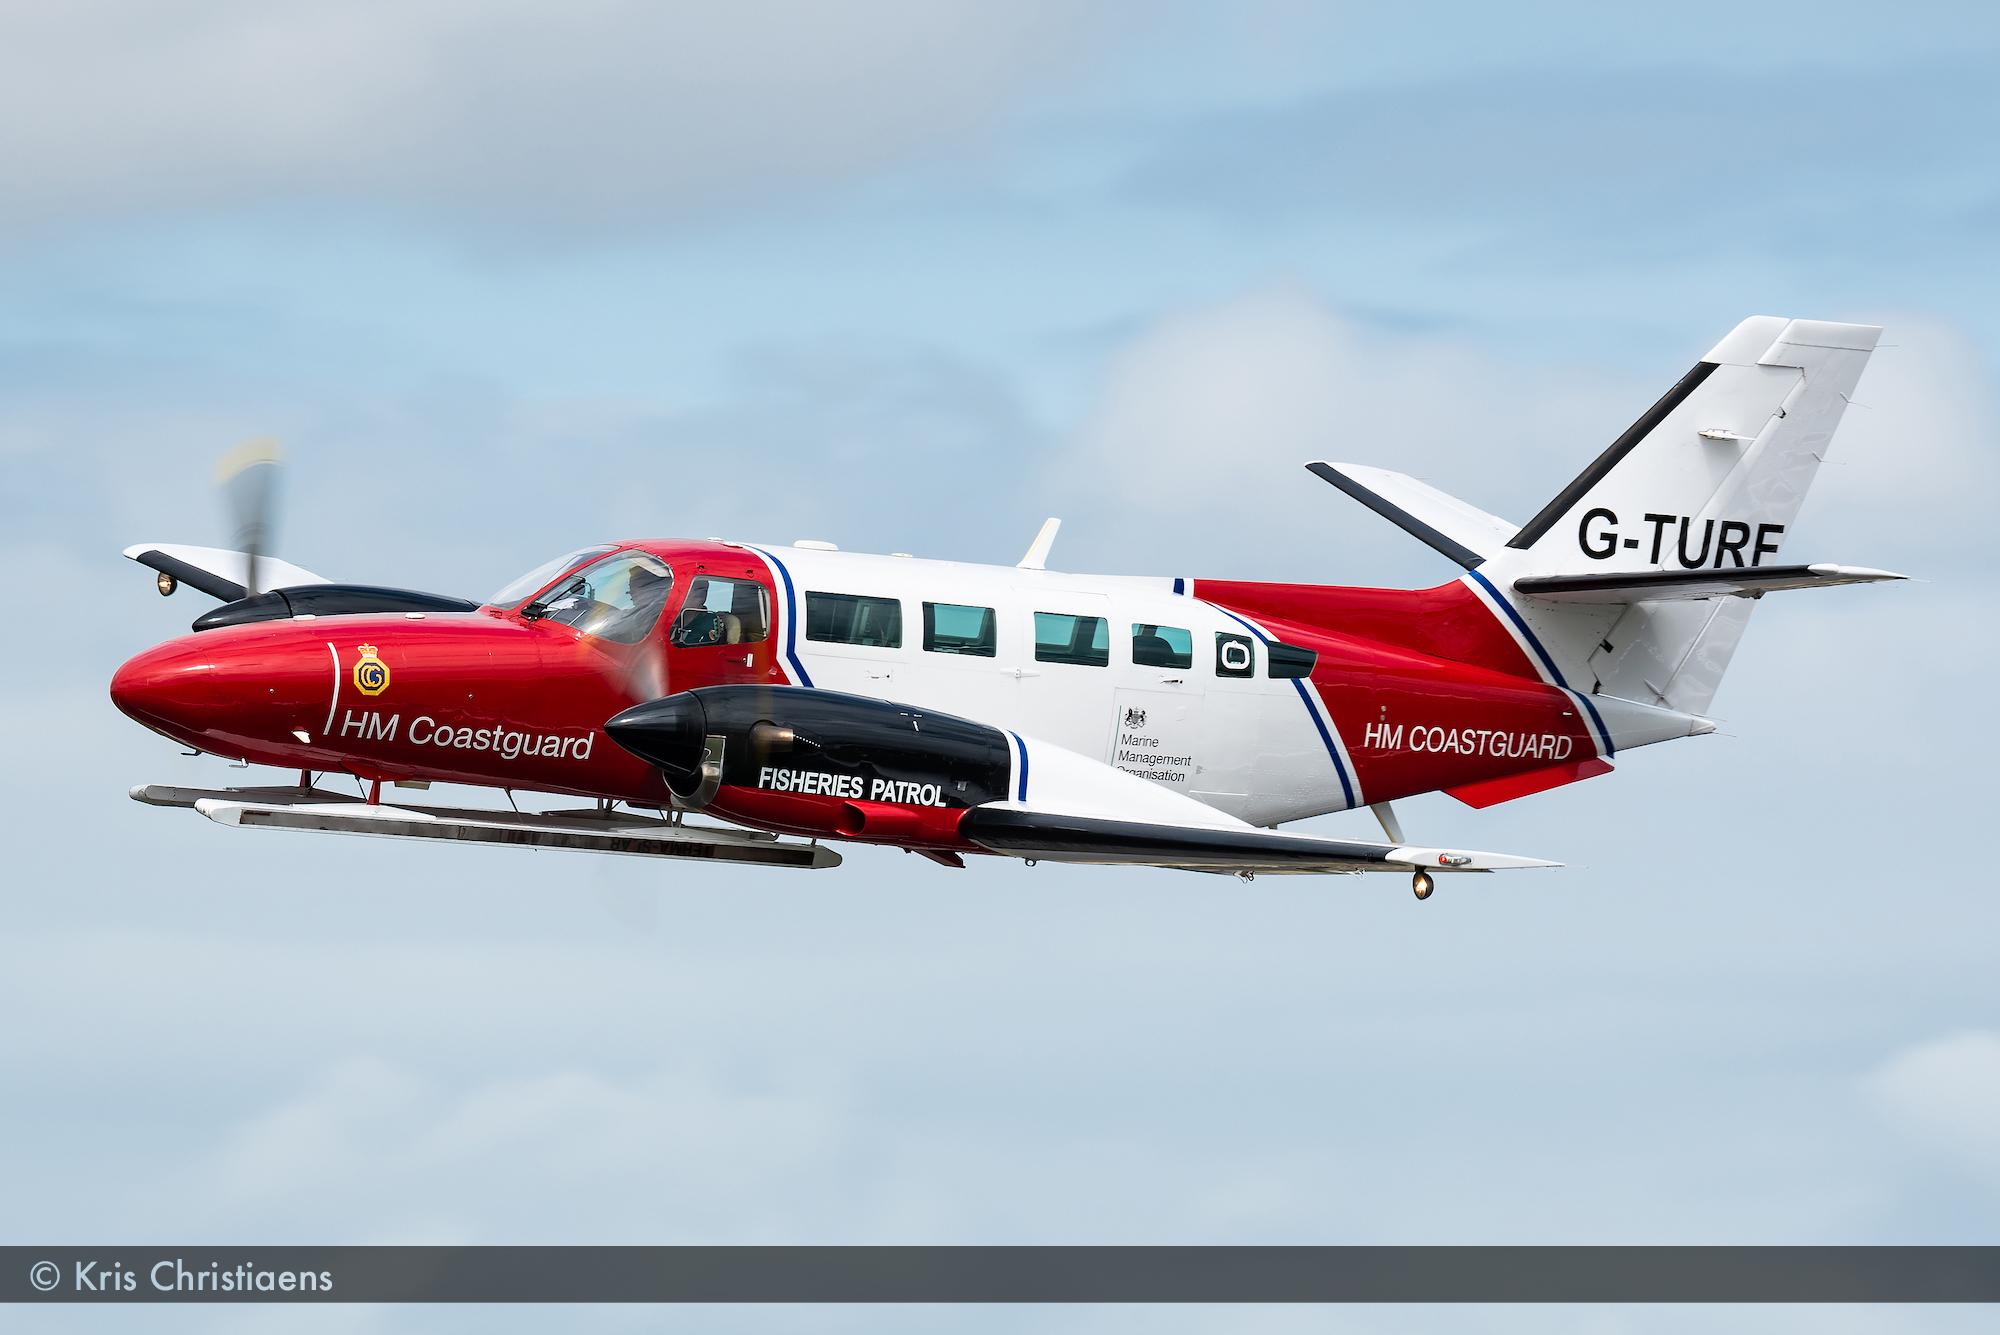 Reims-Cessna F406 Caravan II